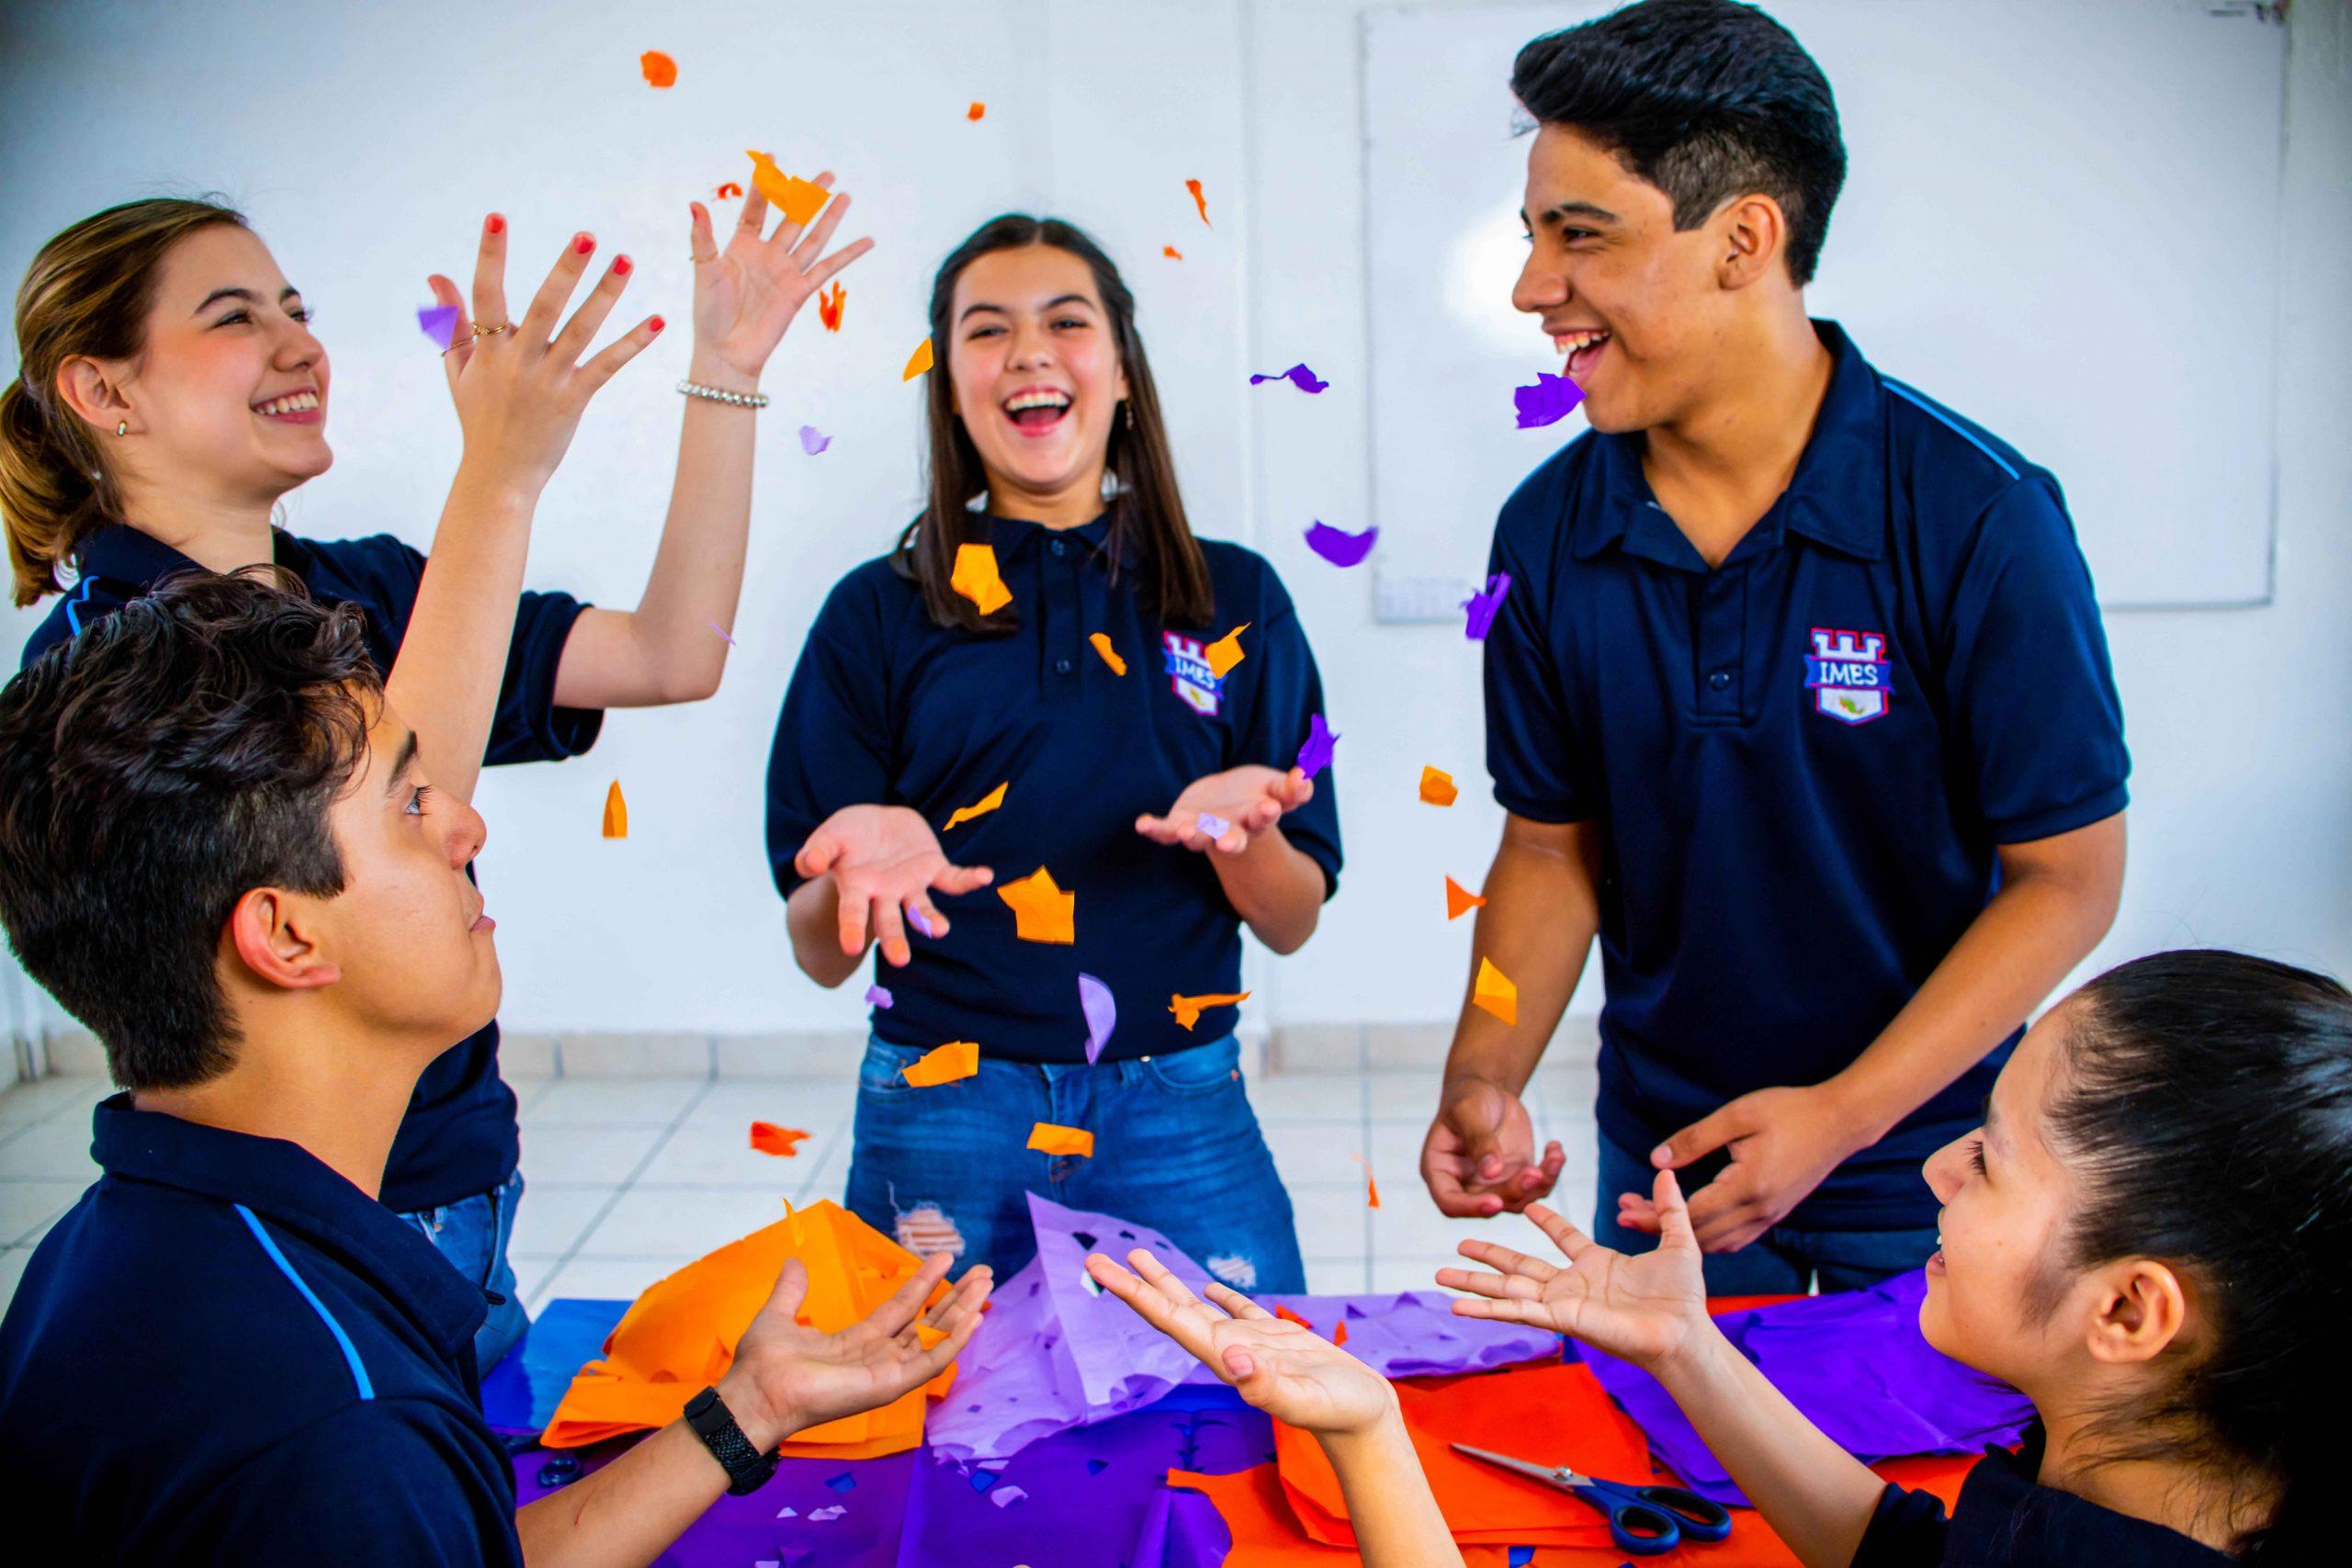 escuela-en-torreon-imes-estudiantes